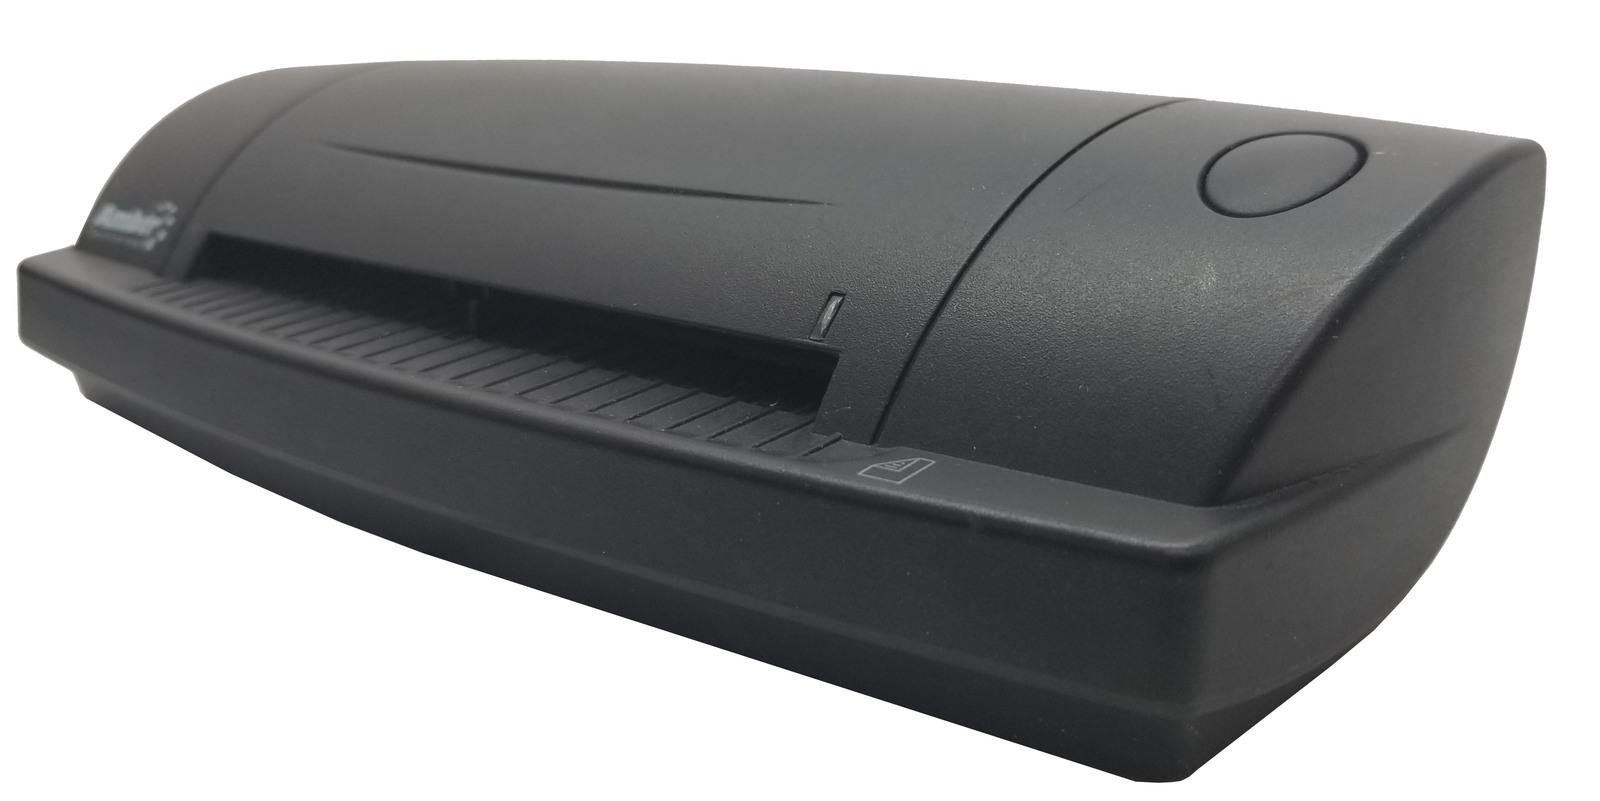 Ambir Technology DS687 Compact Duplex Card And Receipt Scanner Bin:14